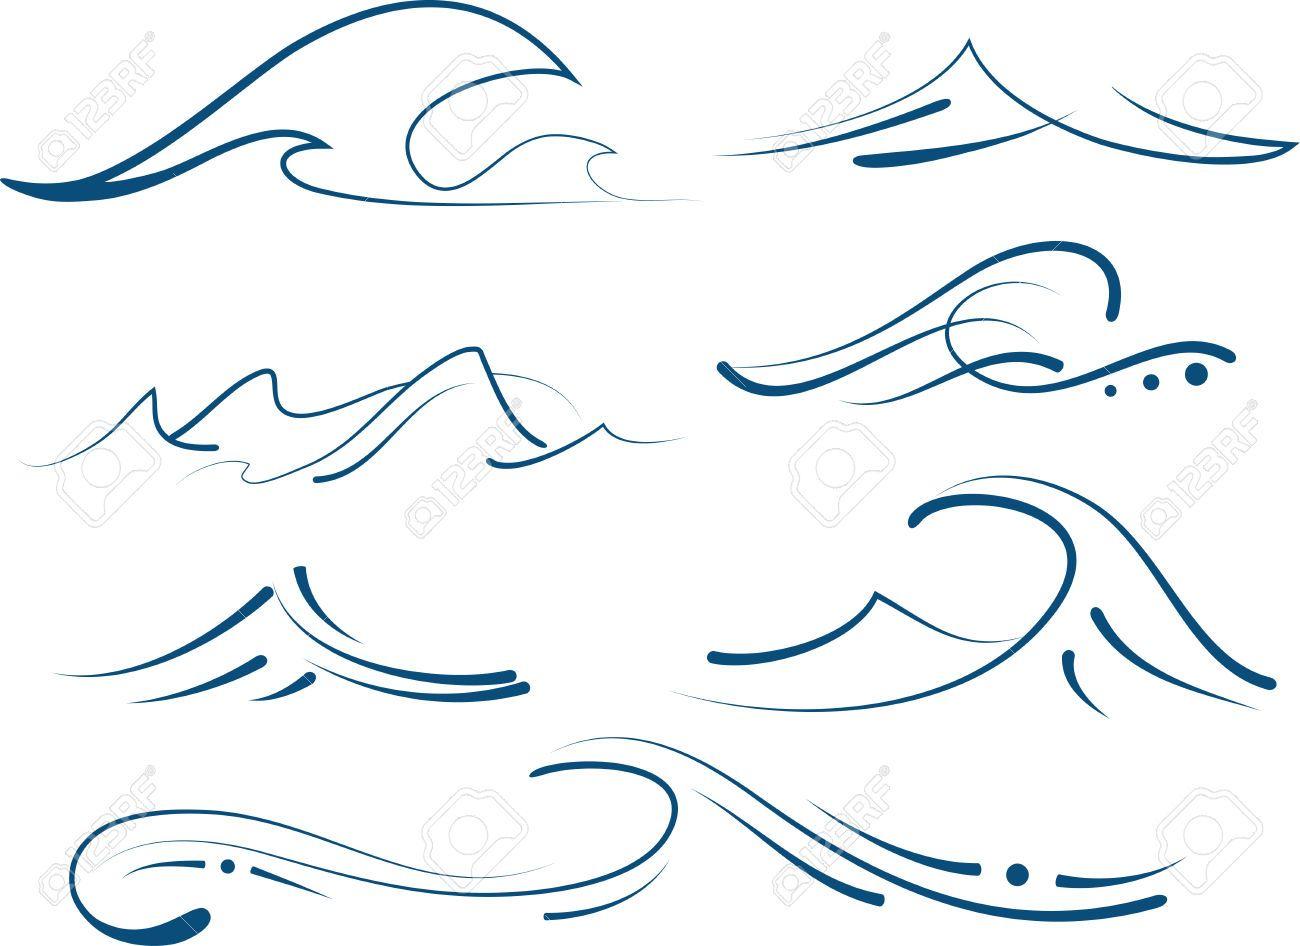 Clipart waves wave hawaiian. Stock vector gift ideas